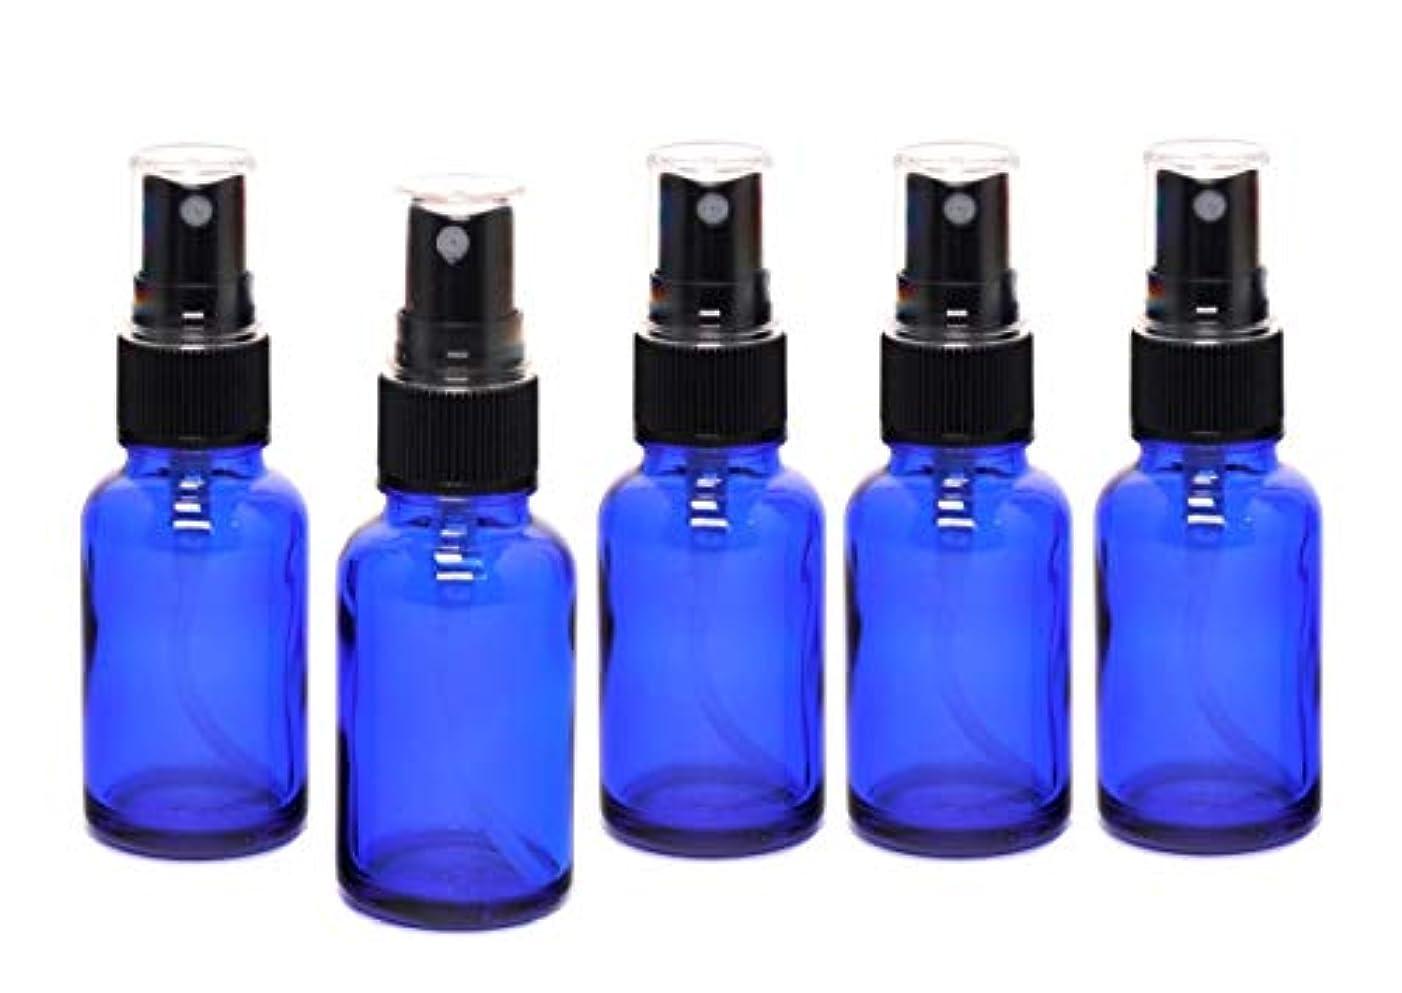 ペン汚れるおいしい遮光瓶 蓄圧式ミストのスプレーボトル 30ml コバルトブルー / ( 硝子製?アトマイザー )ブラックヘッド × 5本セット